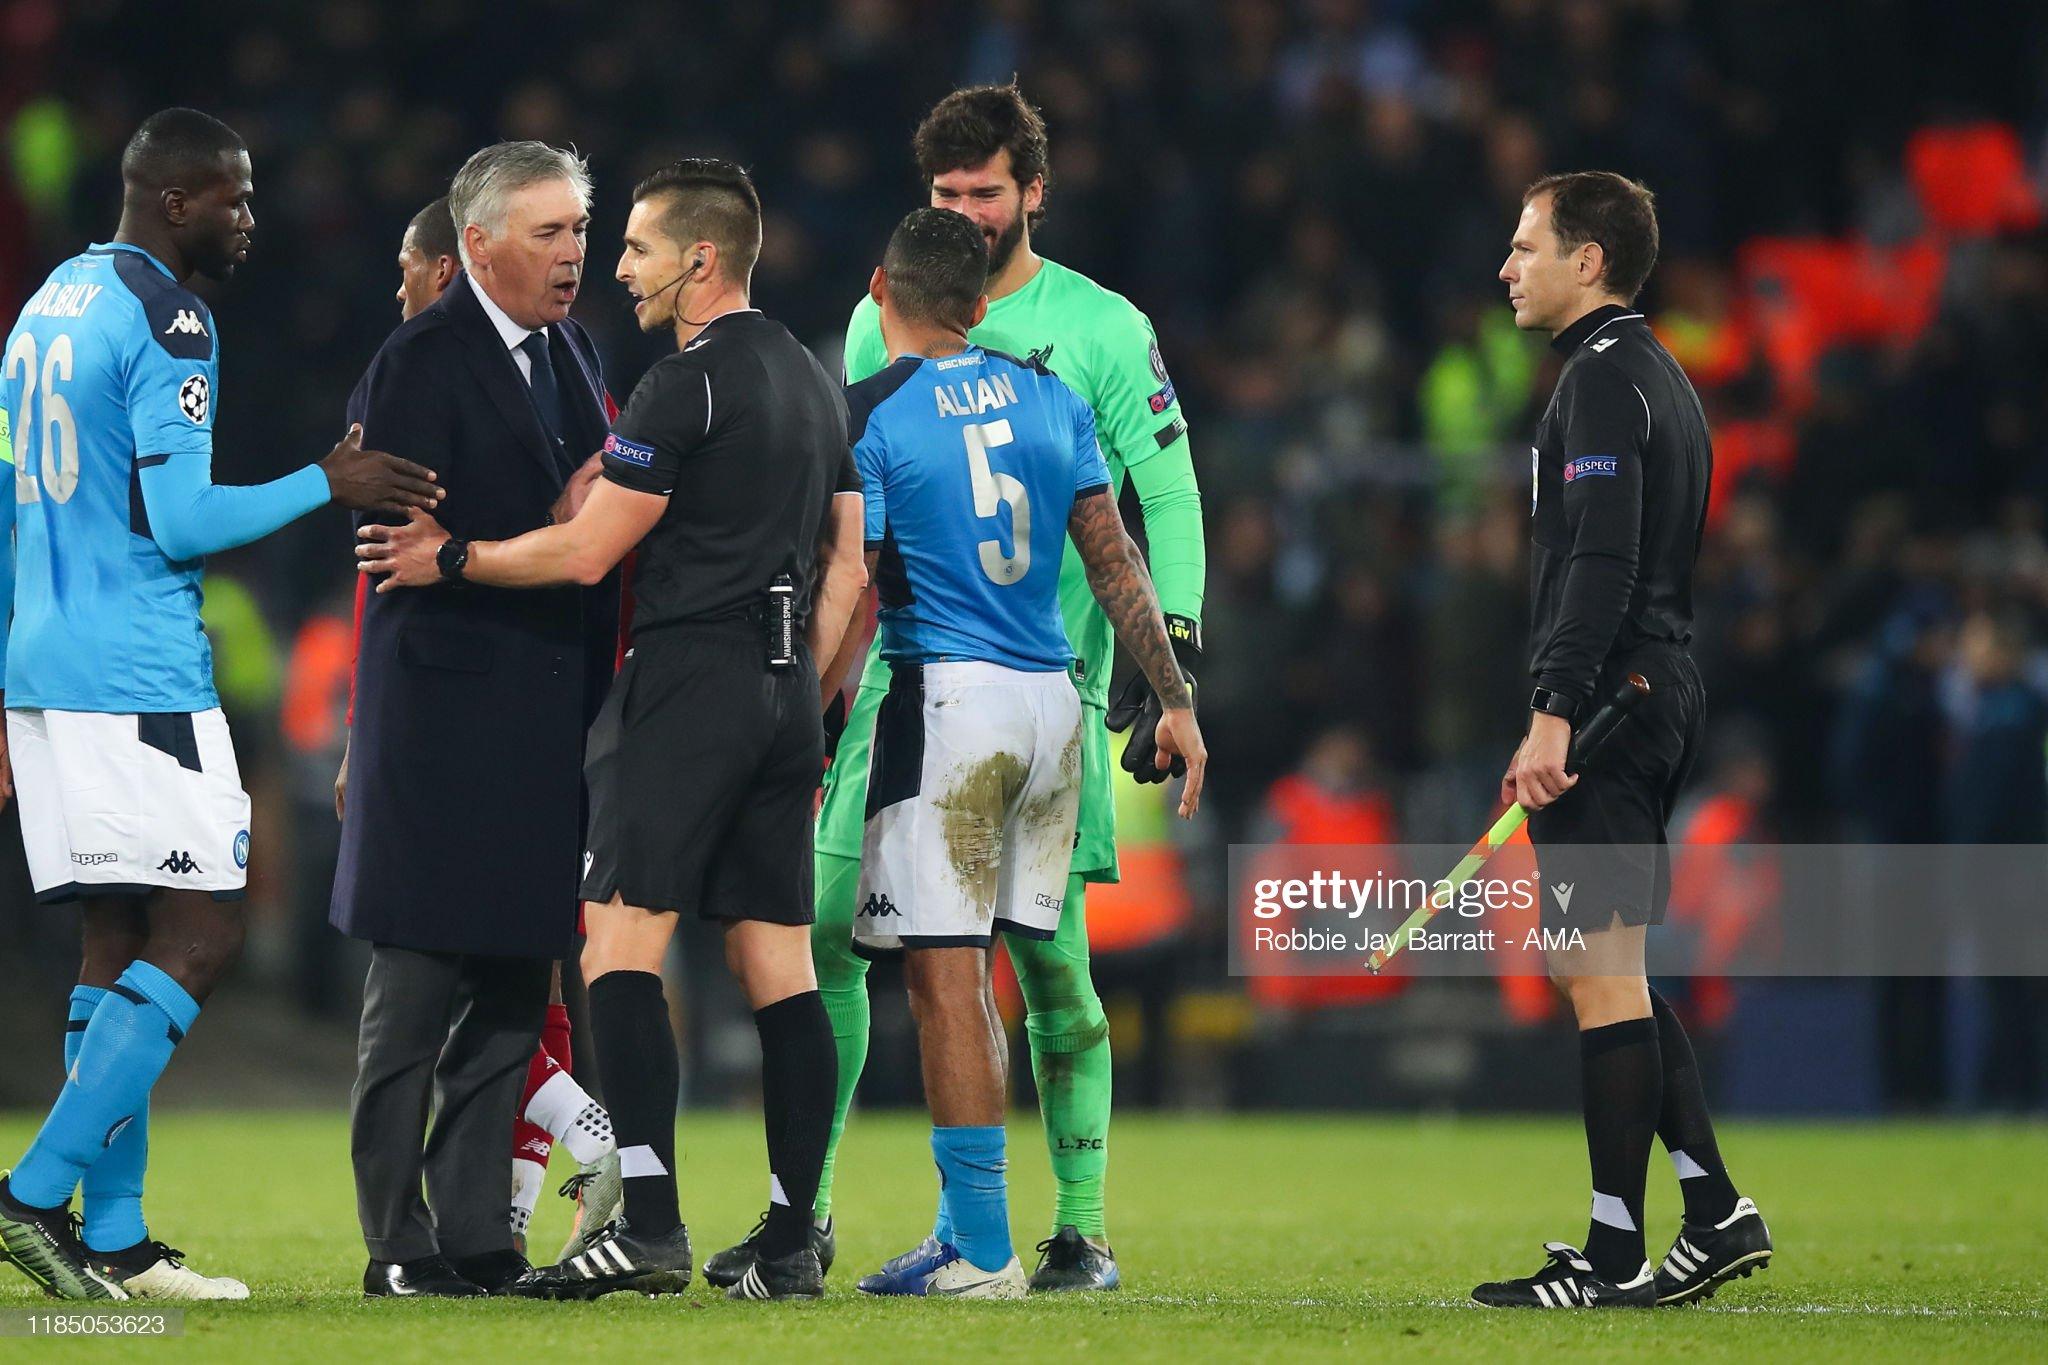 ¿Cuánto mide el árbitro Del Cerro Grande? - Altura Carlo-ancelotti-the-head-coach-manager-of-napoli-talking-to-match-picture-id1185053623?s=2048x2048